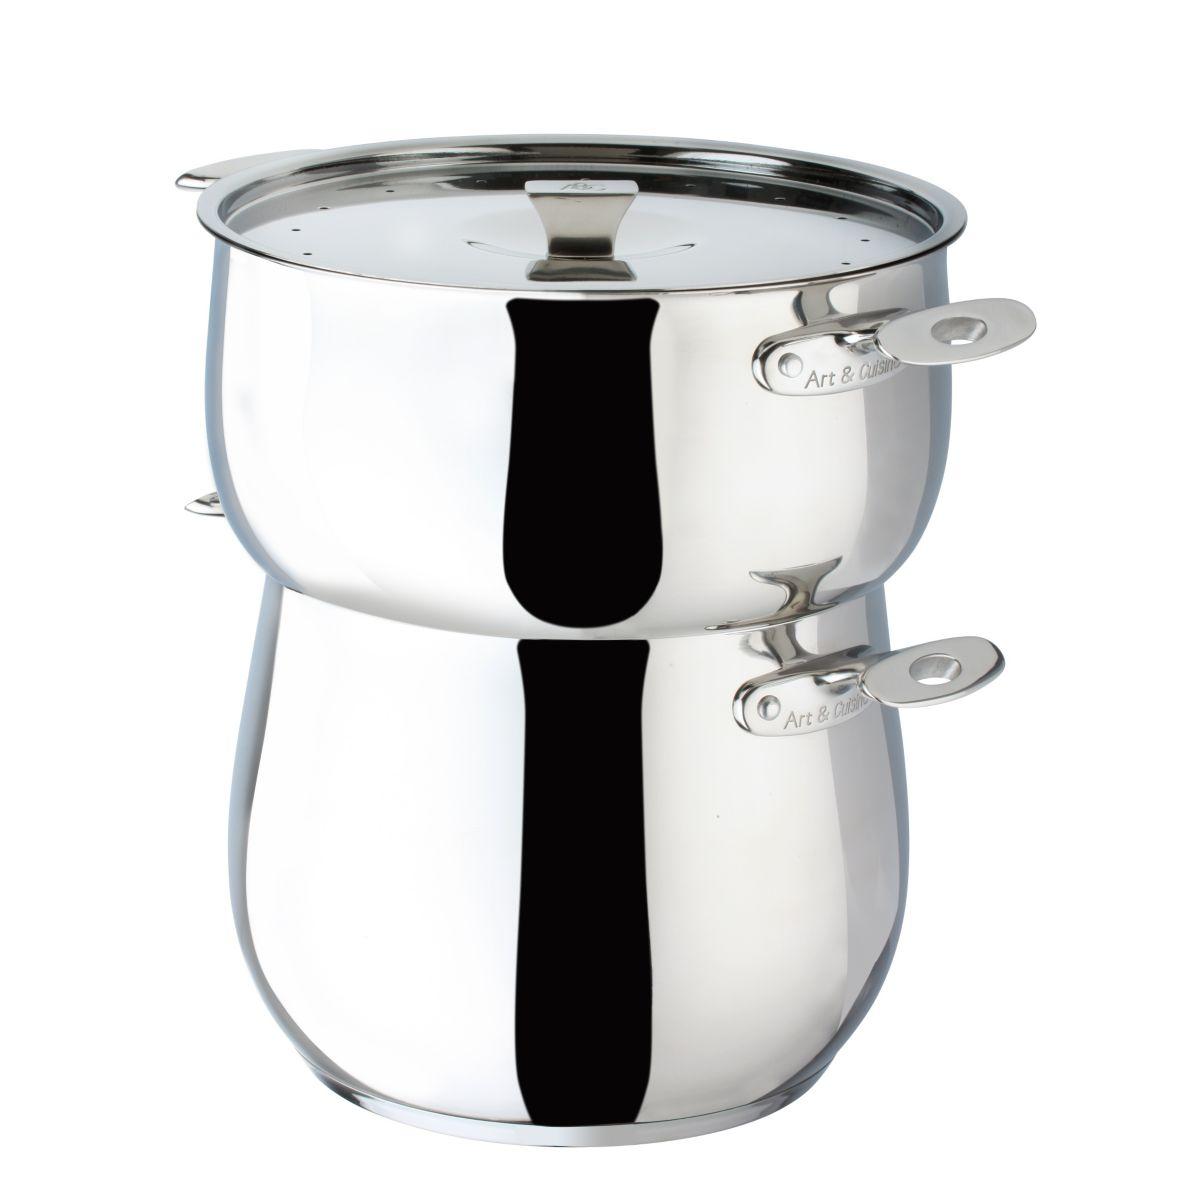 Atelier cuisine couscoussier 26cm 11l inox for Achat cuisine